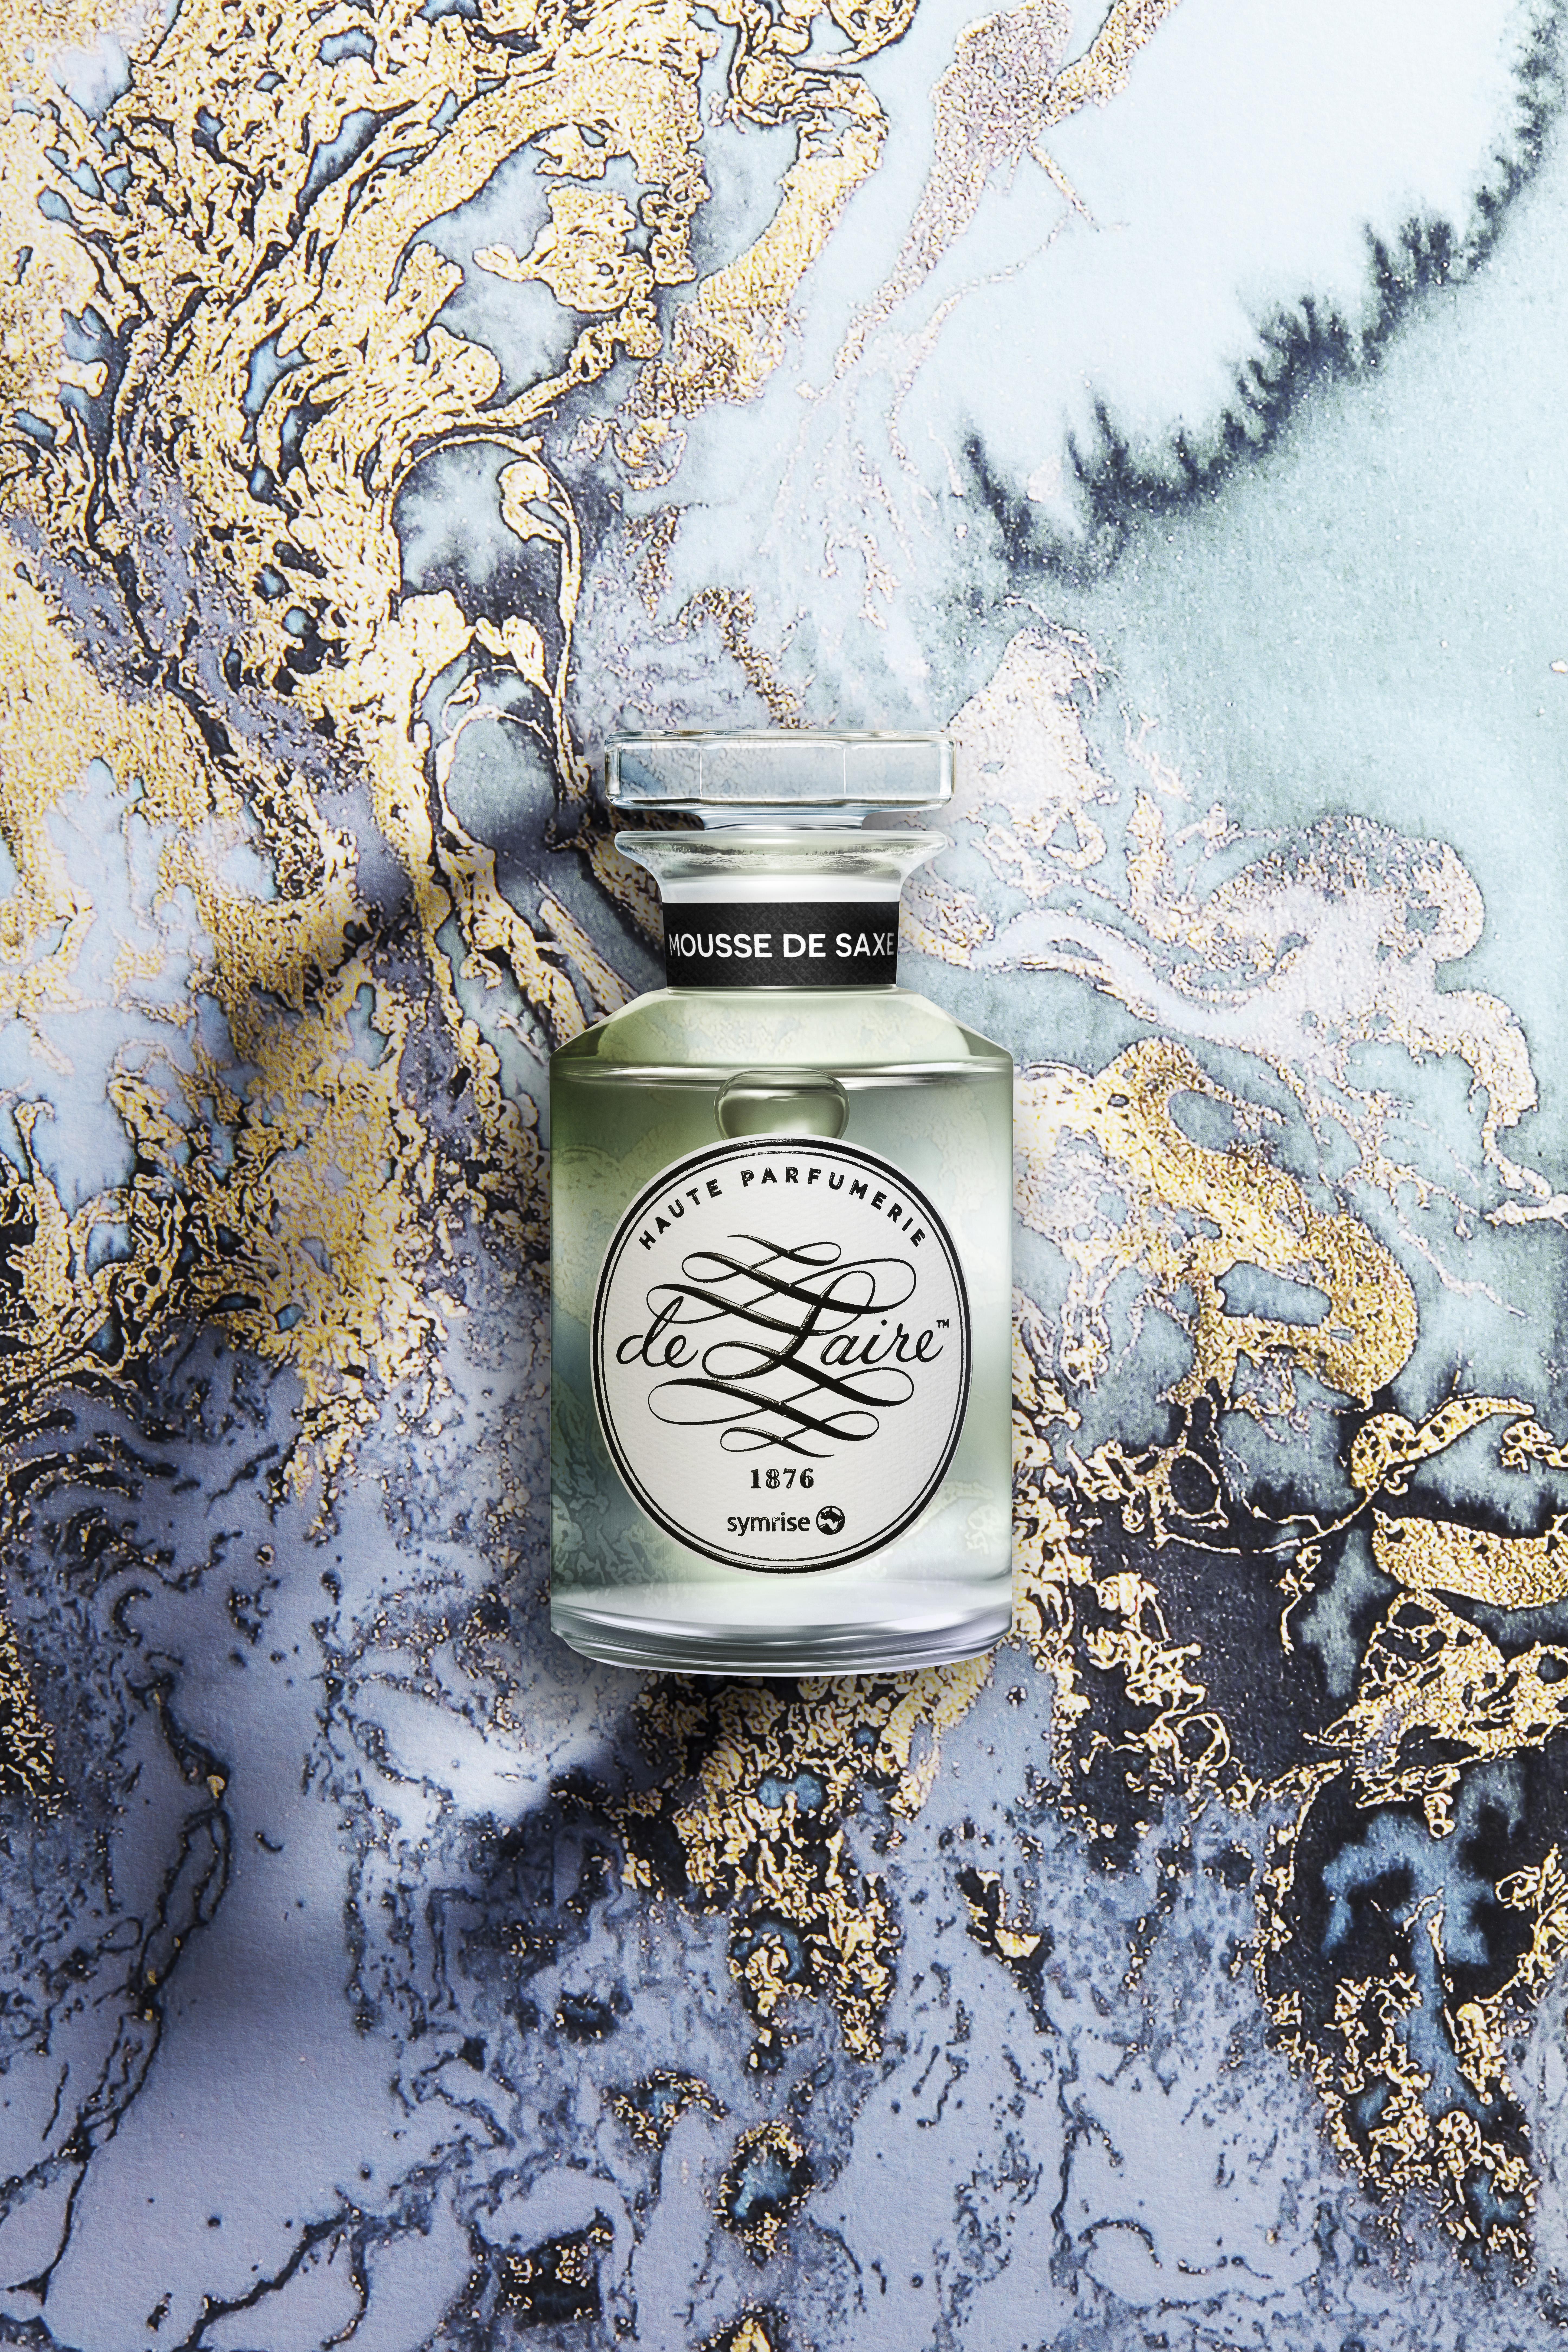 En Symrise Du Le Tour Nouvelles Bases Laire Parfums Par Monde De Faire PZw0nXNOk8